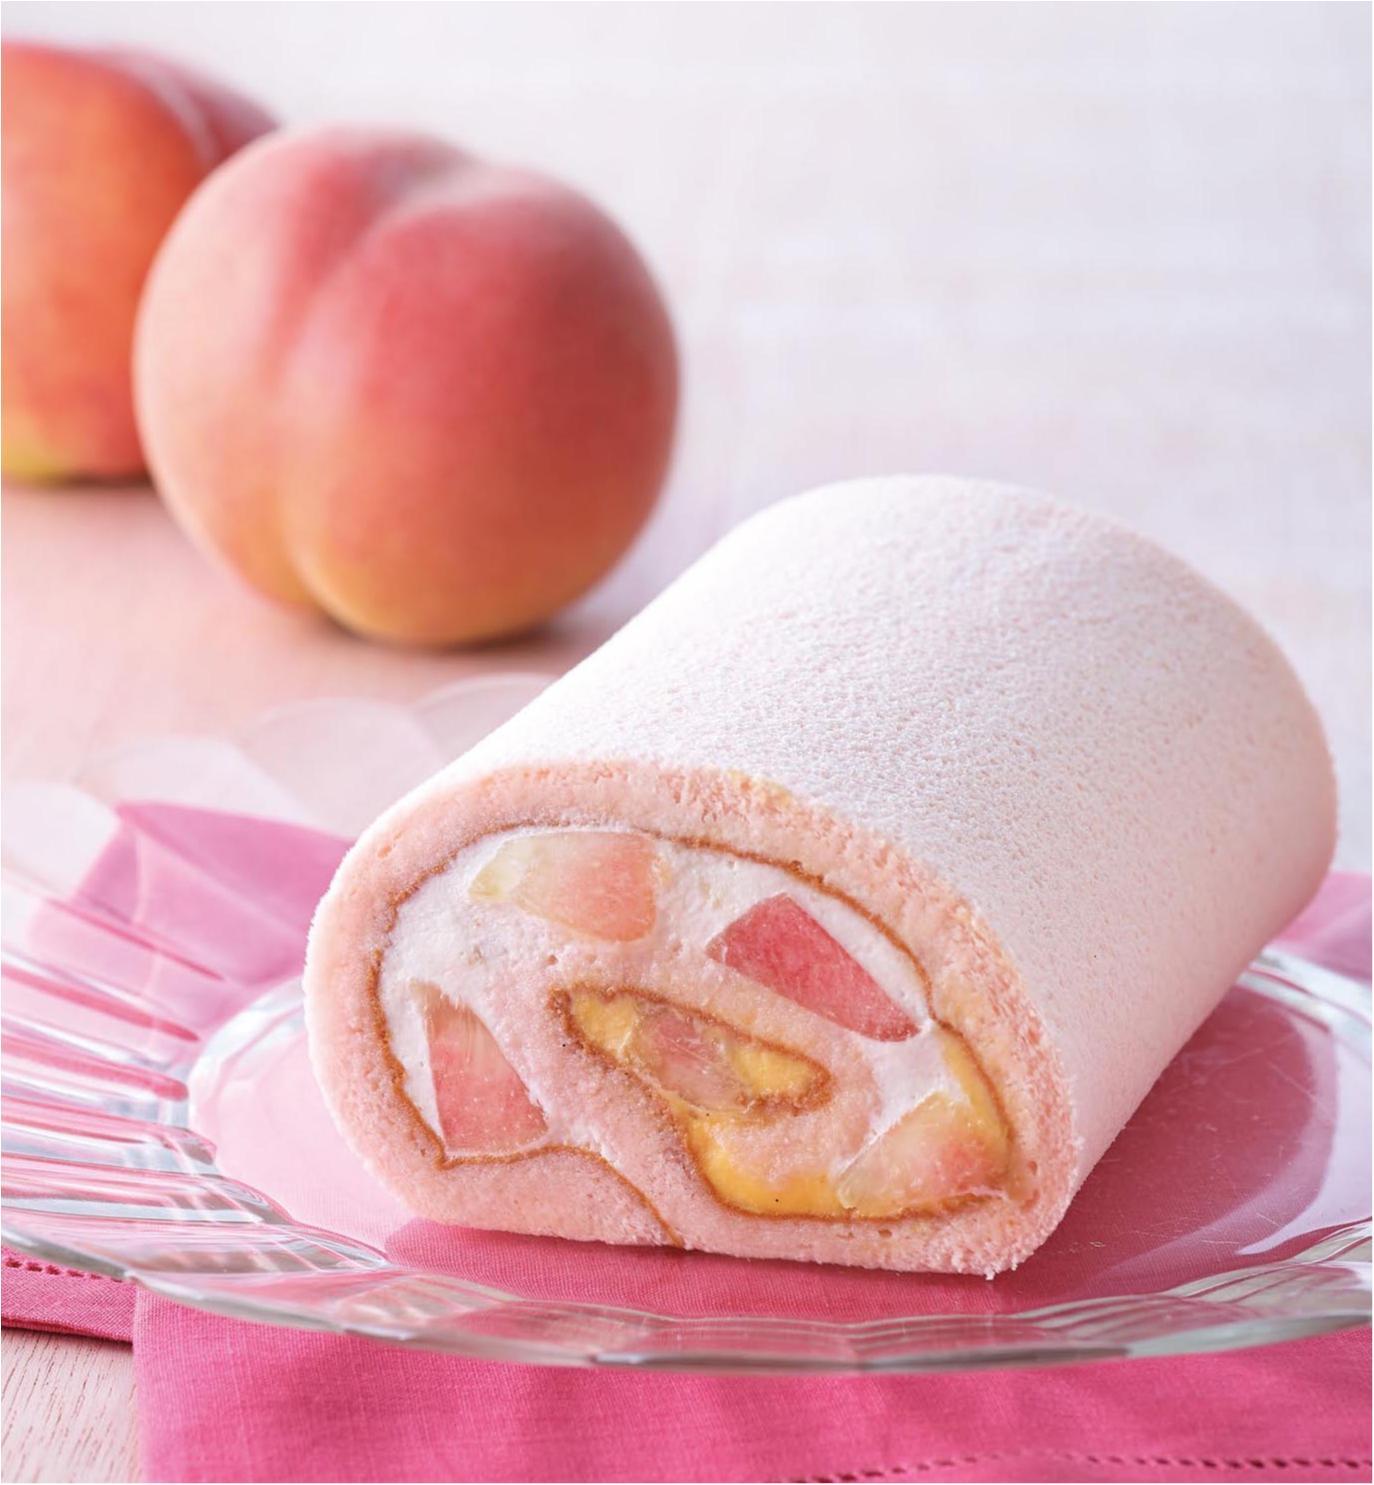 旬の桃づくし! 『パティスリー キハチ』の夏はピンク色♡_1